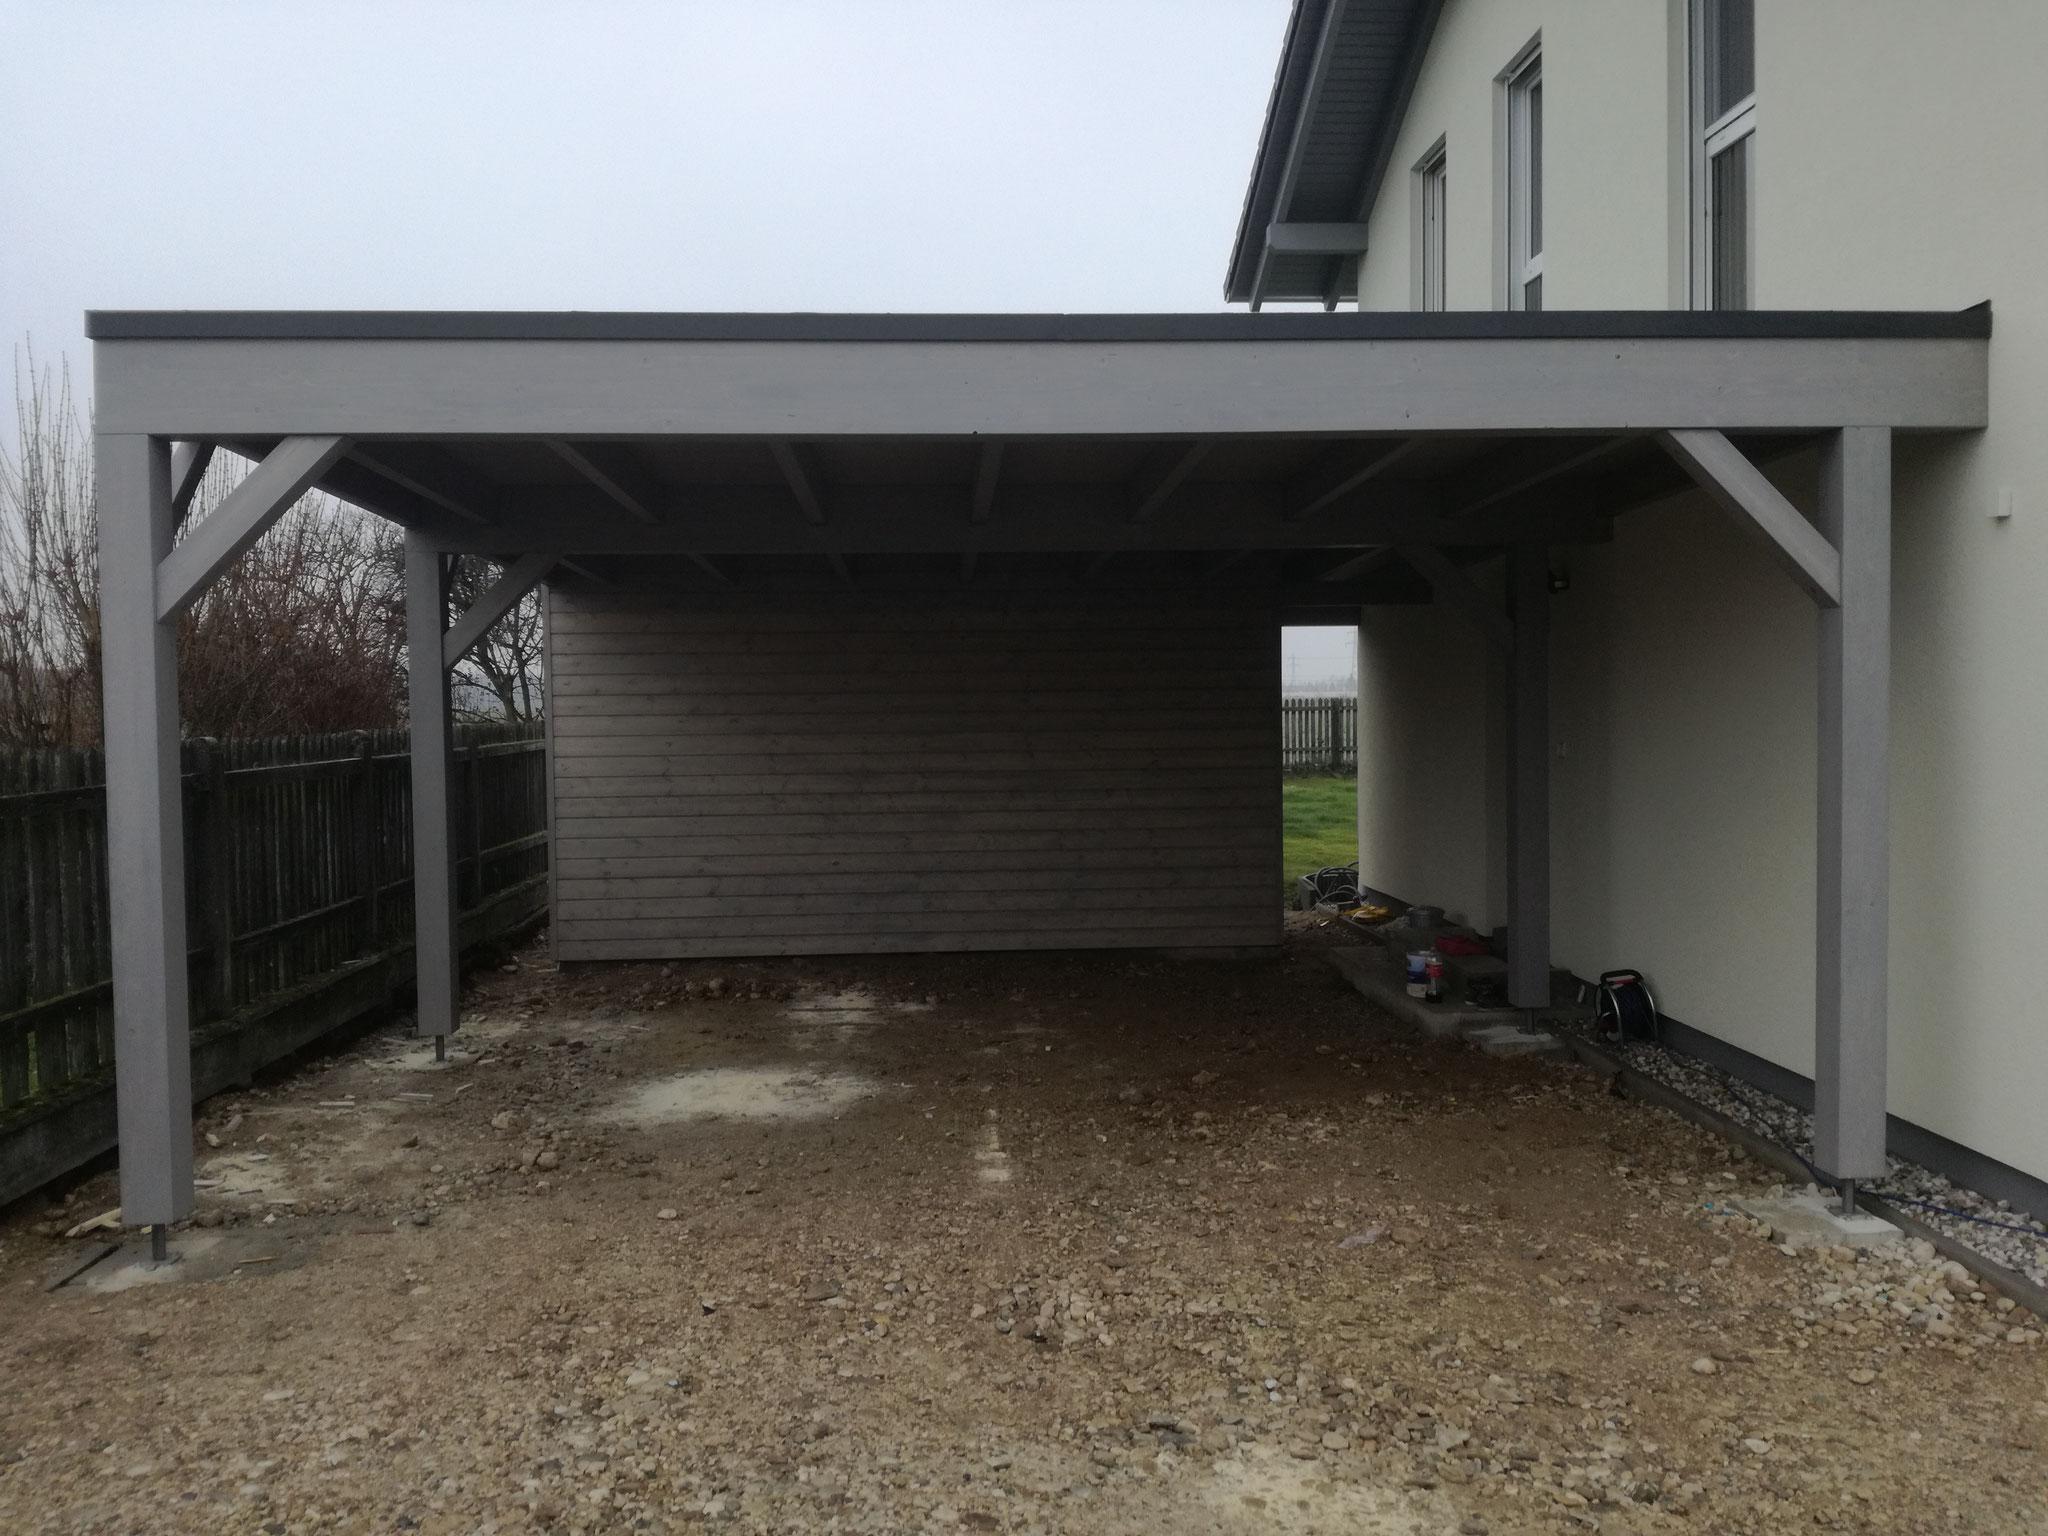 Doppelcarport mit Abstellraum und Resitrik Dacheindeckung